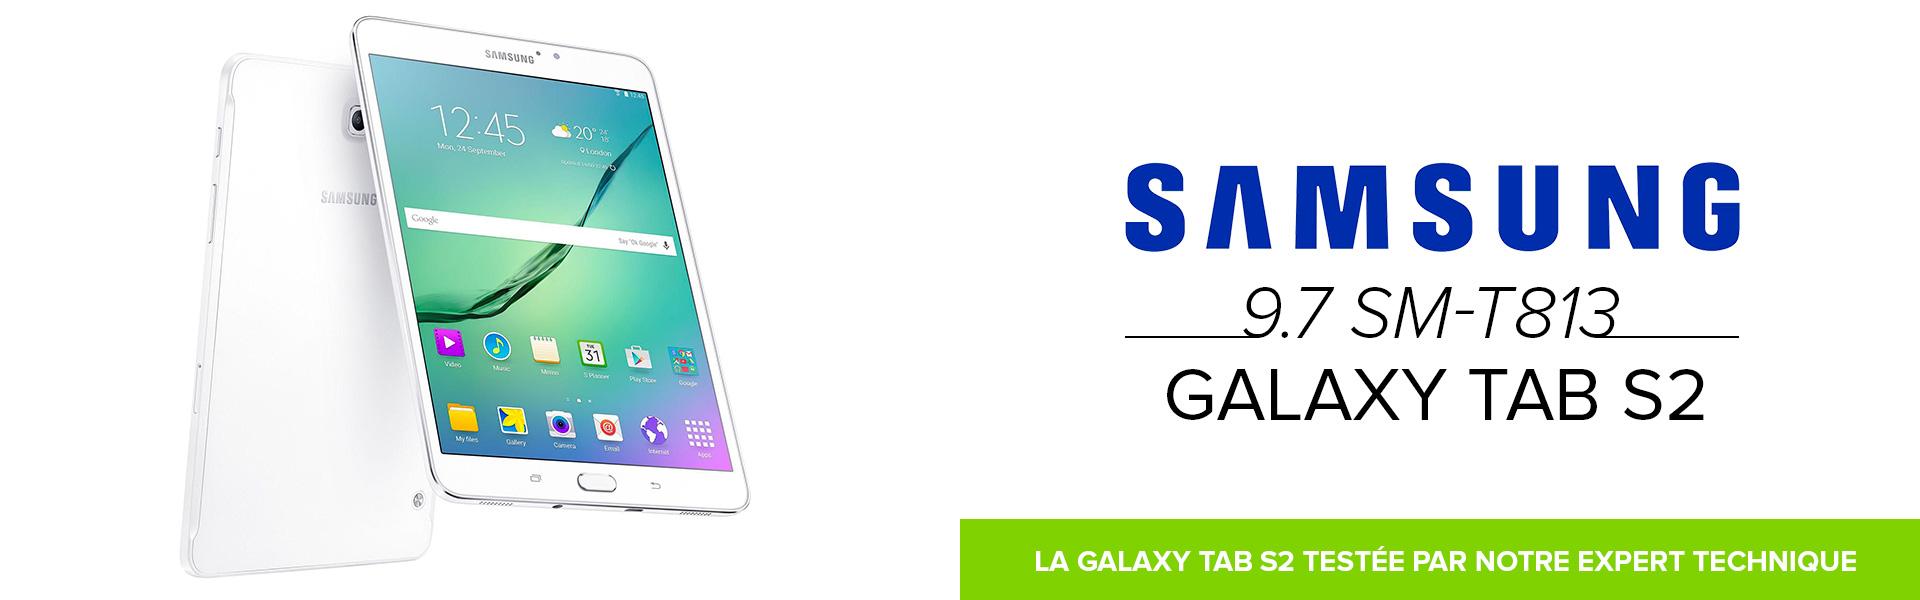 galaxy-tab-s2-test-du-mois-banniere-2